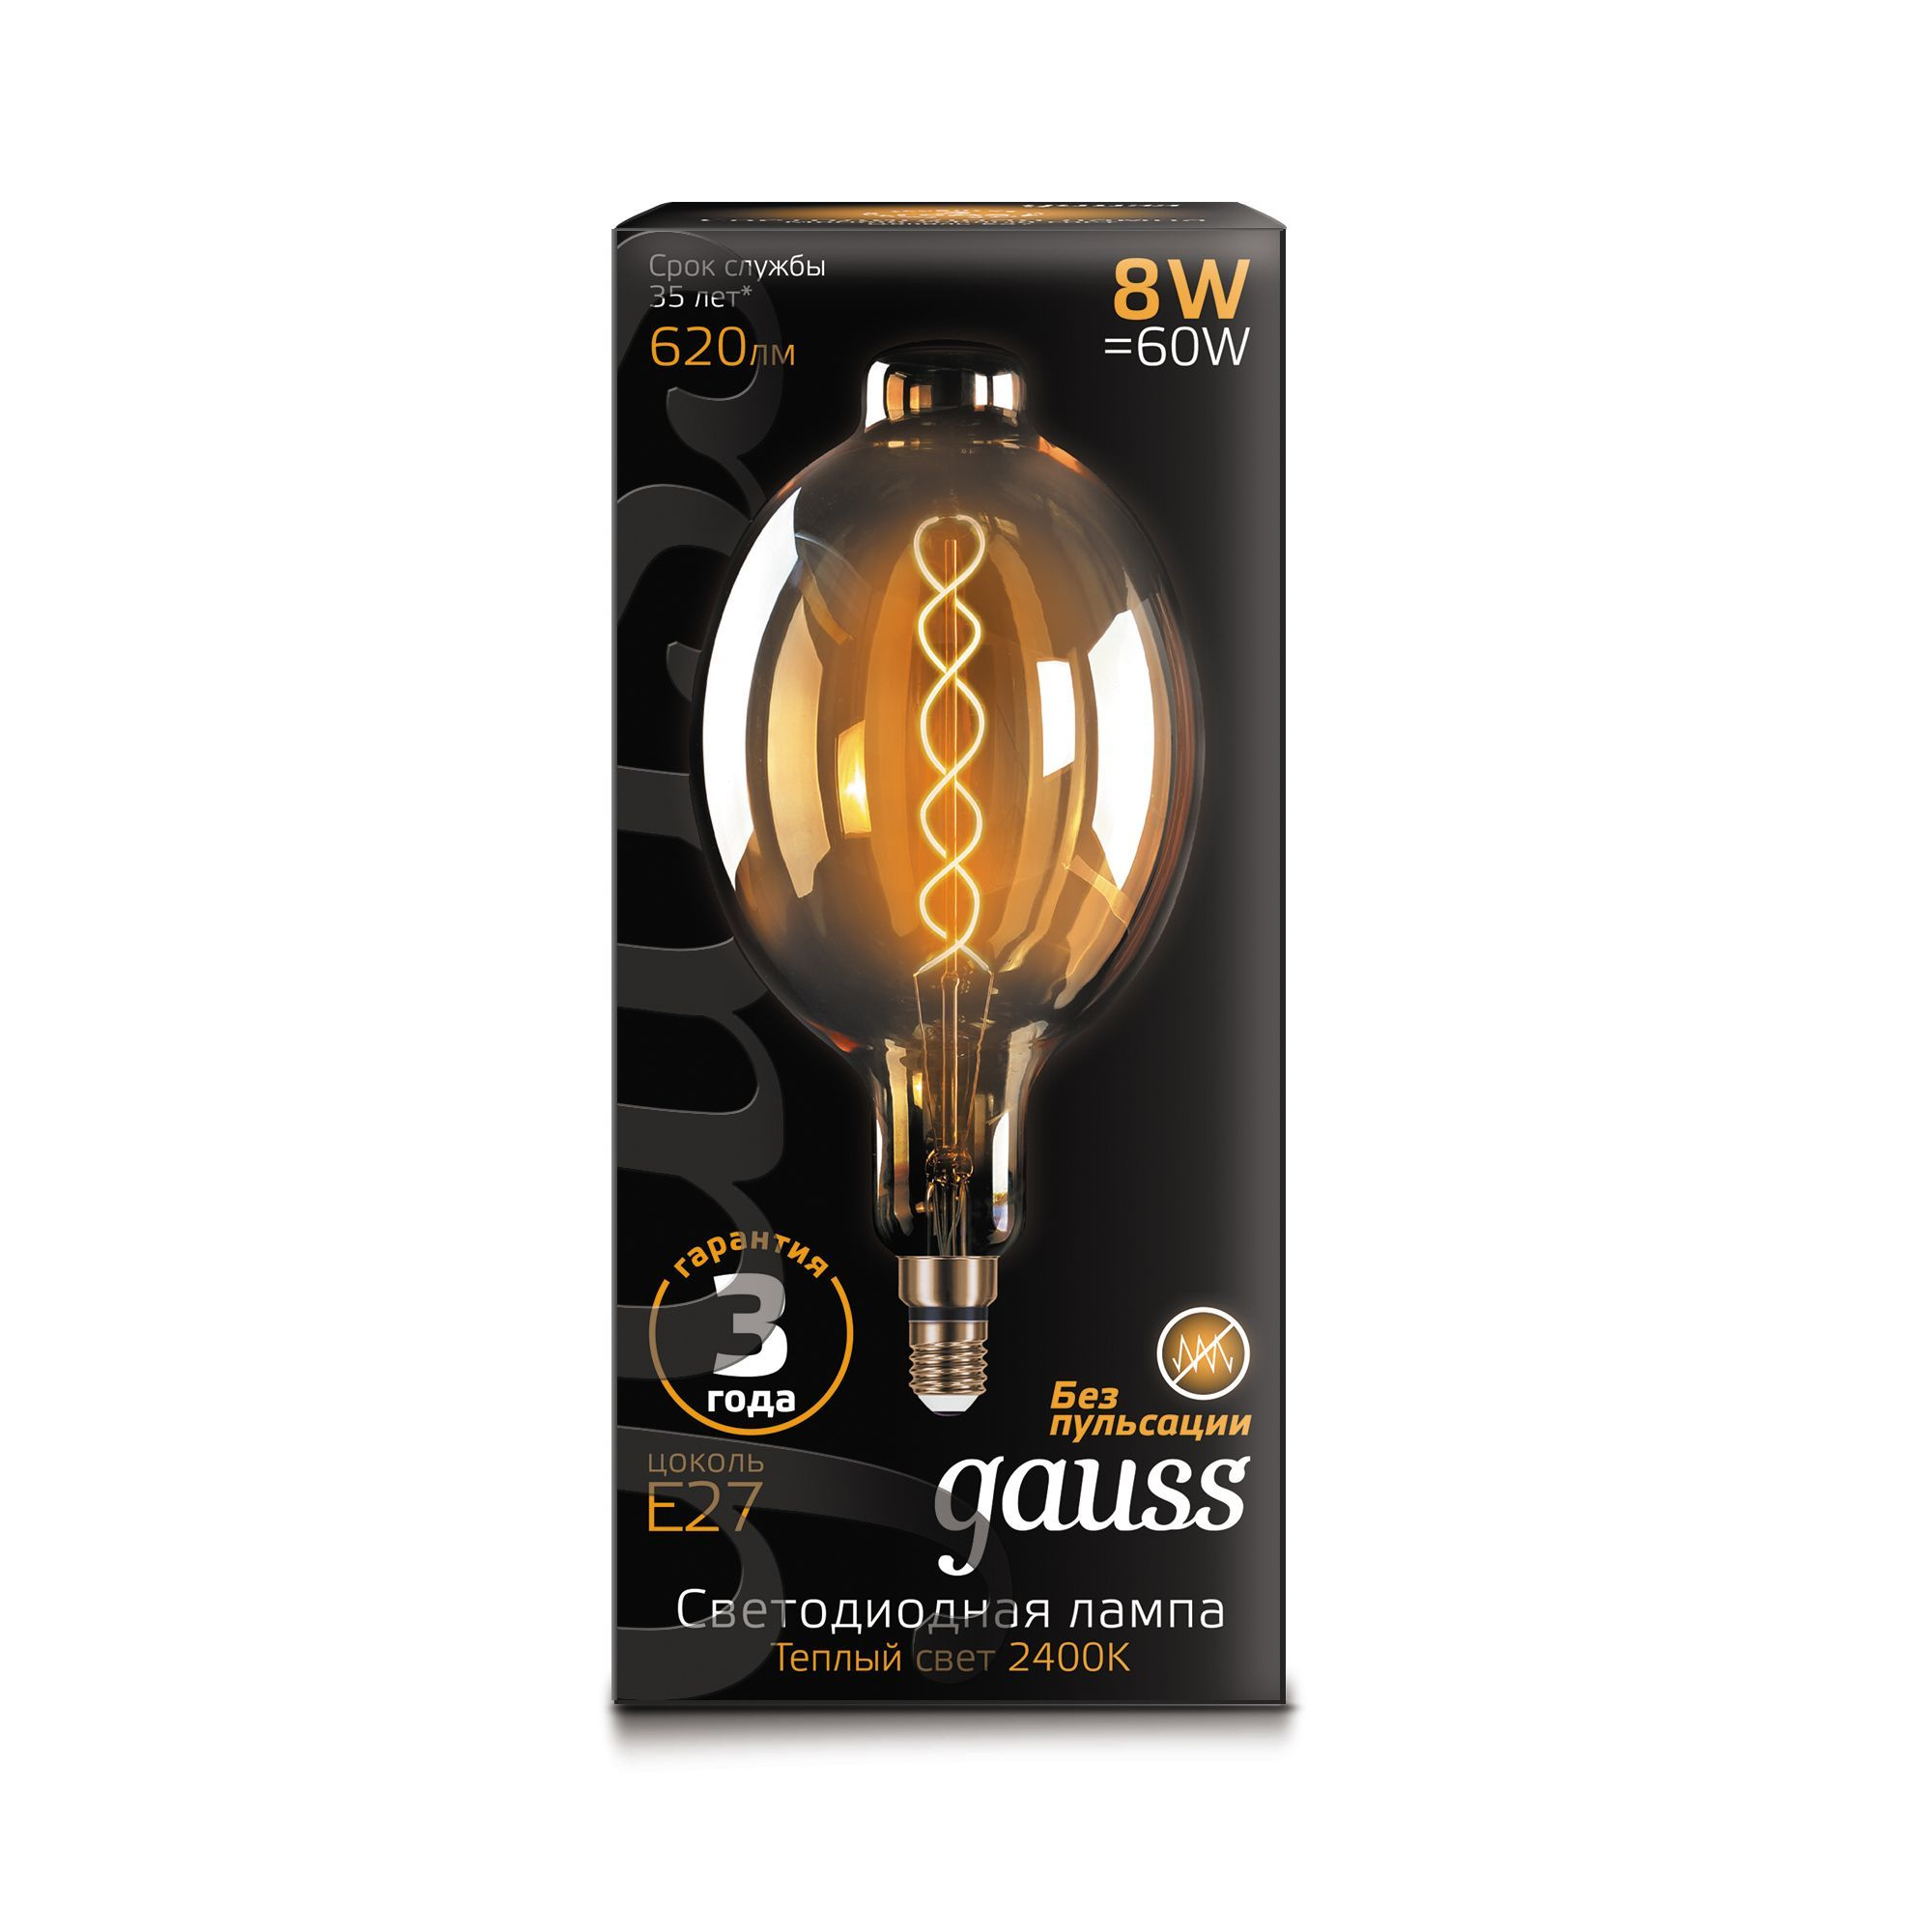 Лампа большая светодиодная Gauss Е27 8 Вт овал спираль свет тёплый золотая колба диаметр 18 см